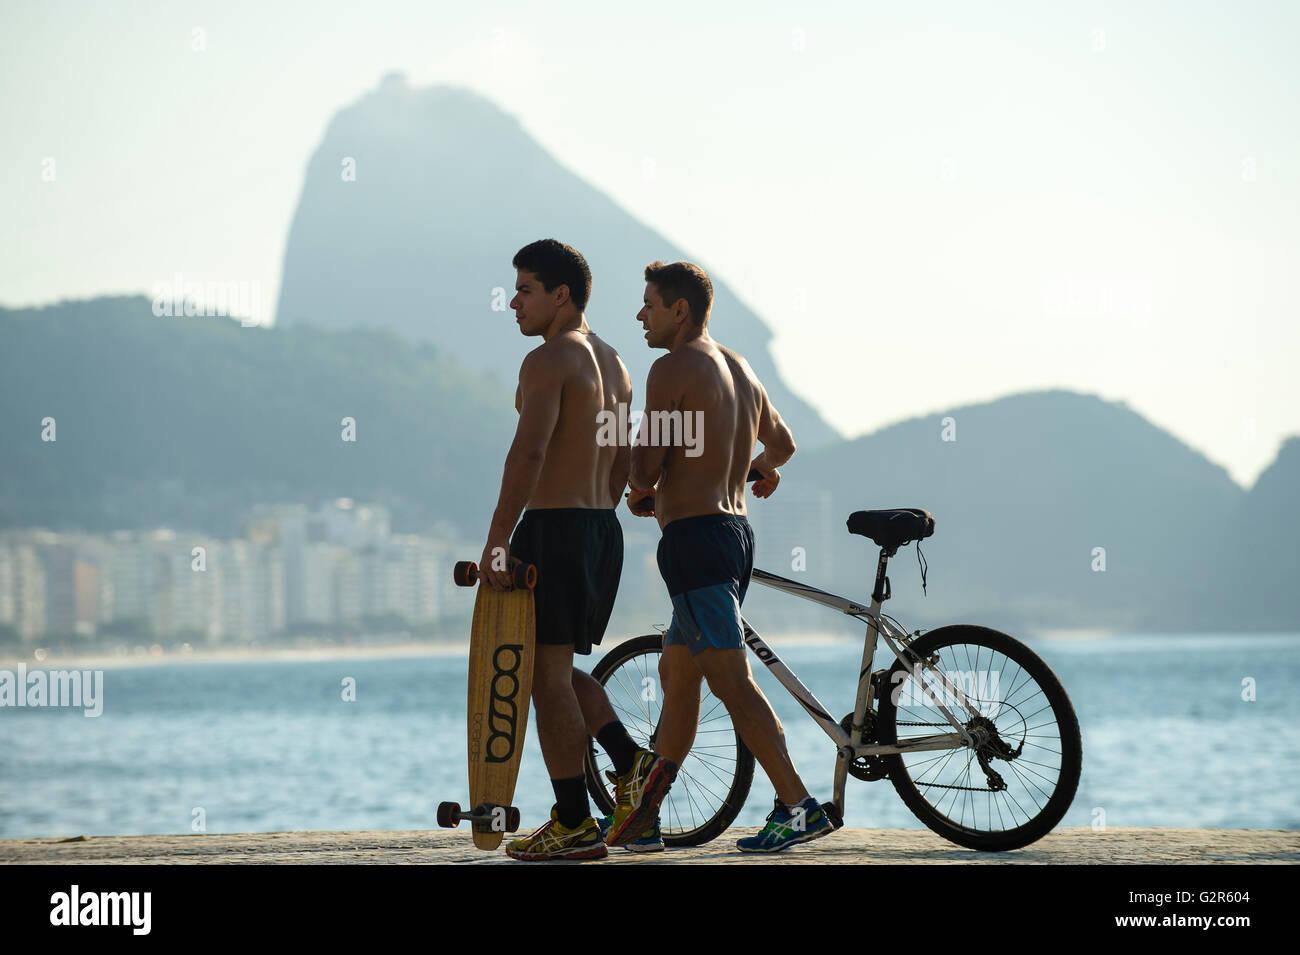 RIO DE JANEIRO - 3. April 2016: Junge Carioca brasilianische Männer Fuß, mit Fahrrad und skateboard auf der Promenade Stockfoto